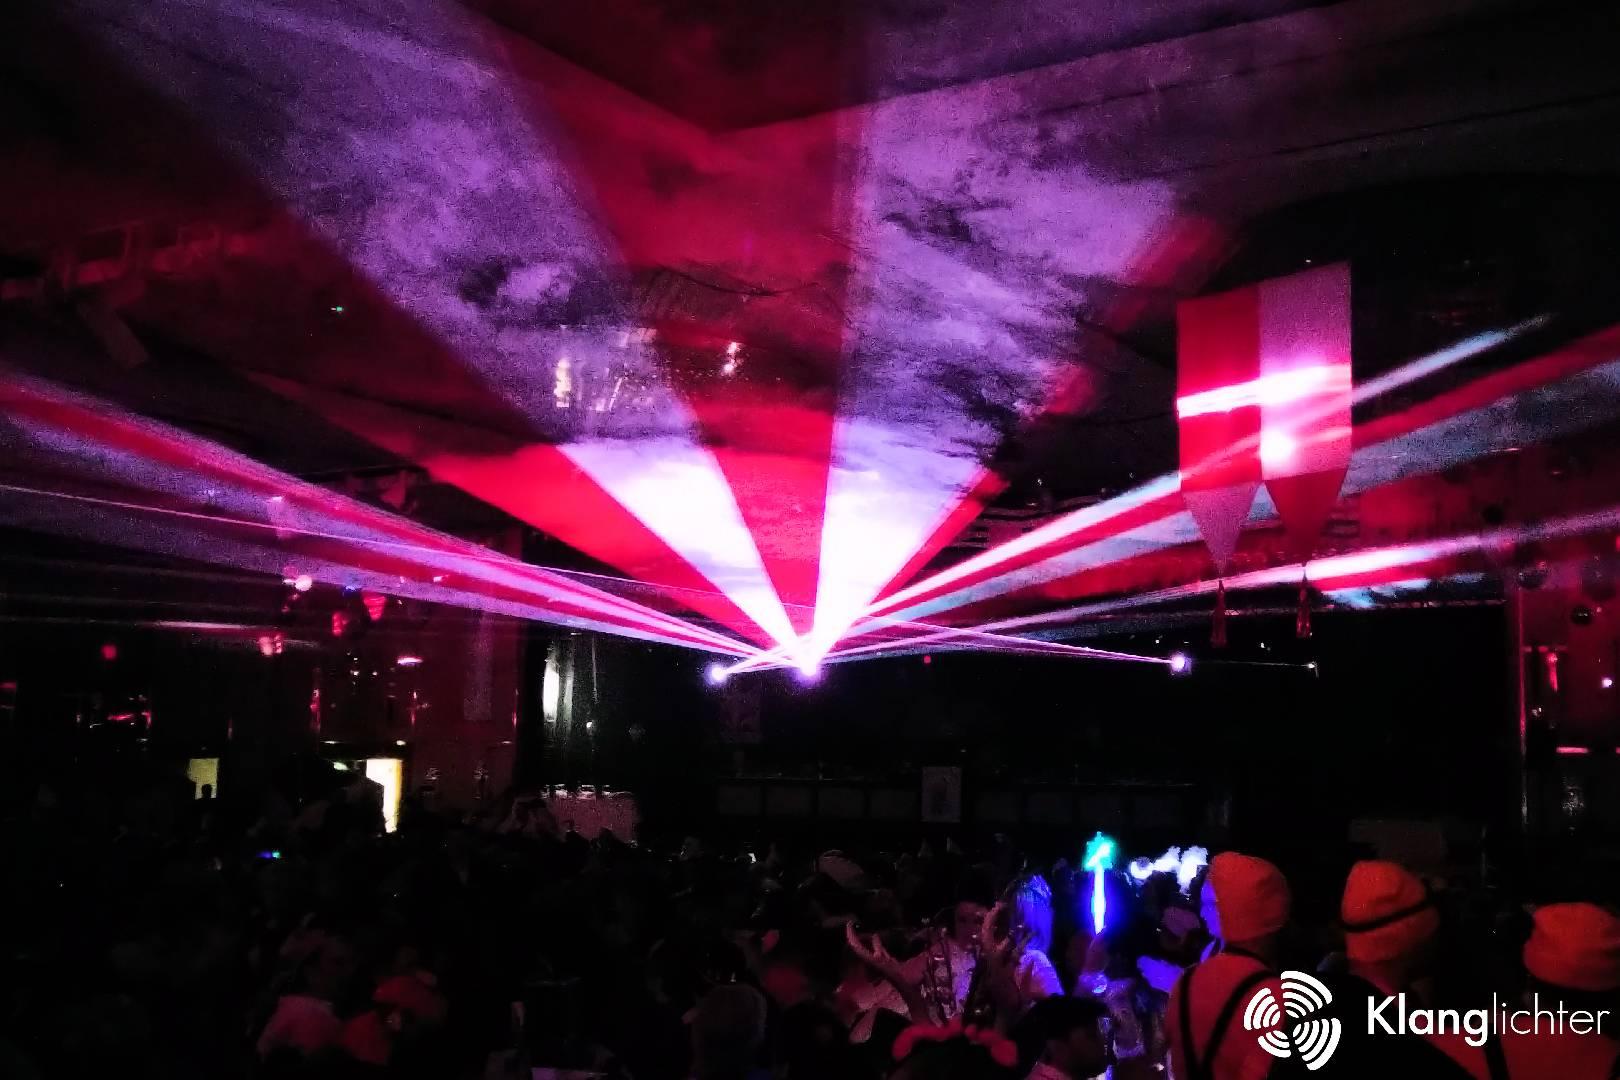 ATMO Lasershow: Jubiläumslasershow 70 Jahre Kölner Karnevals-Verein Unger Uns